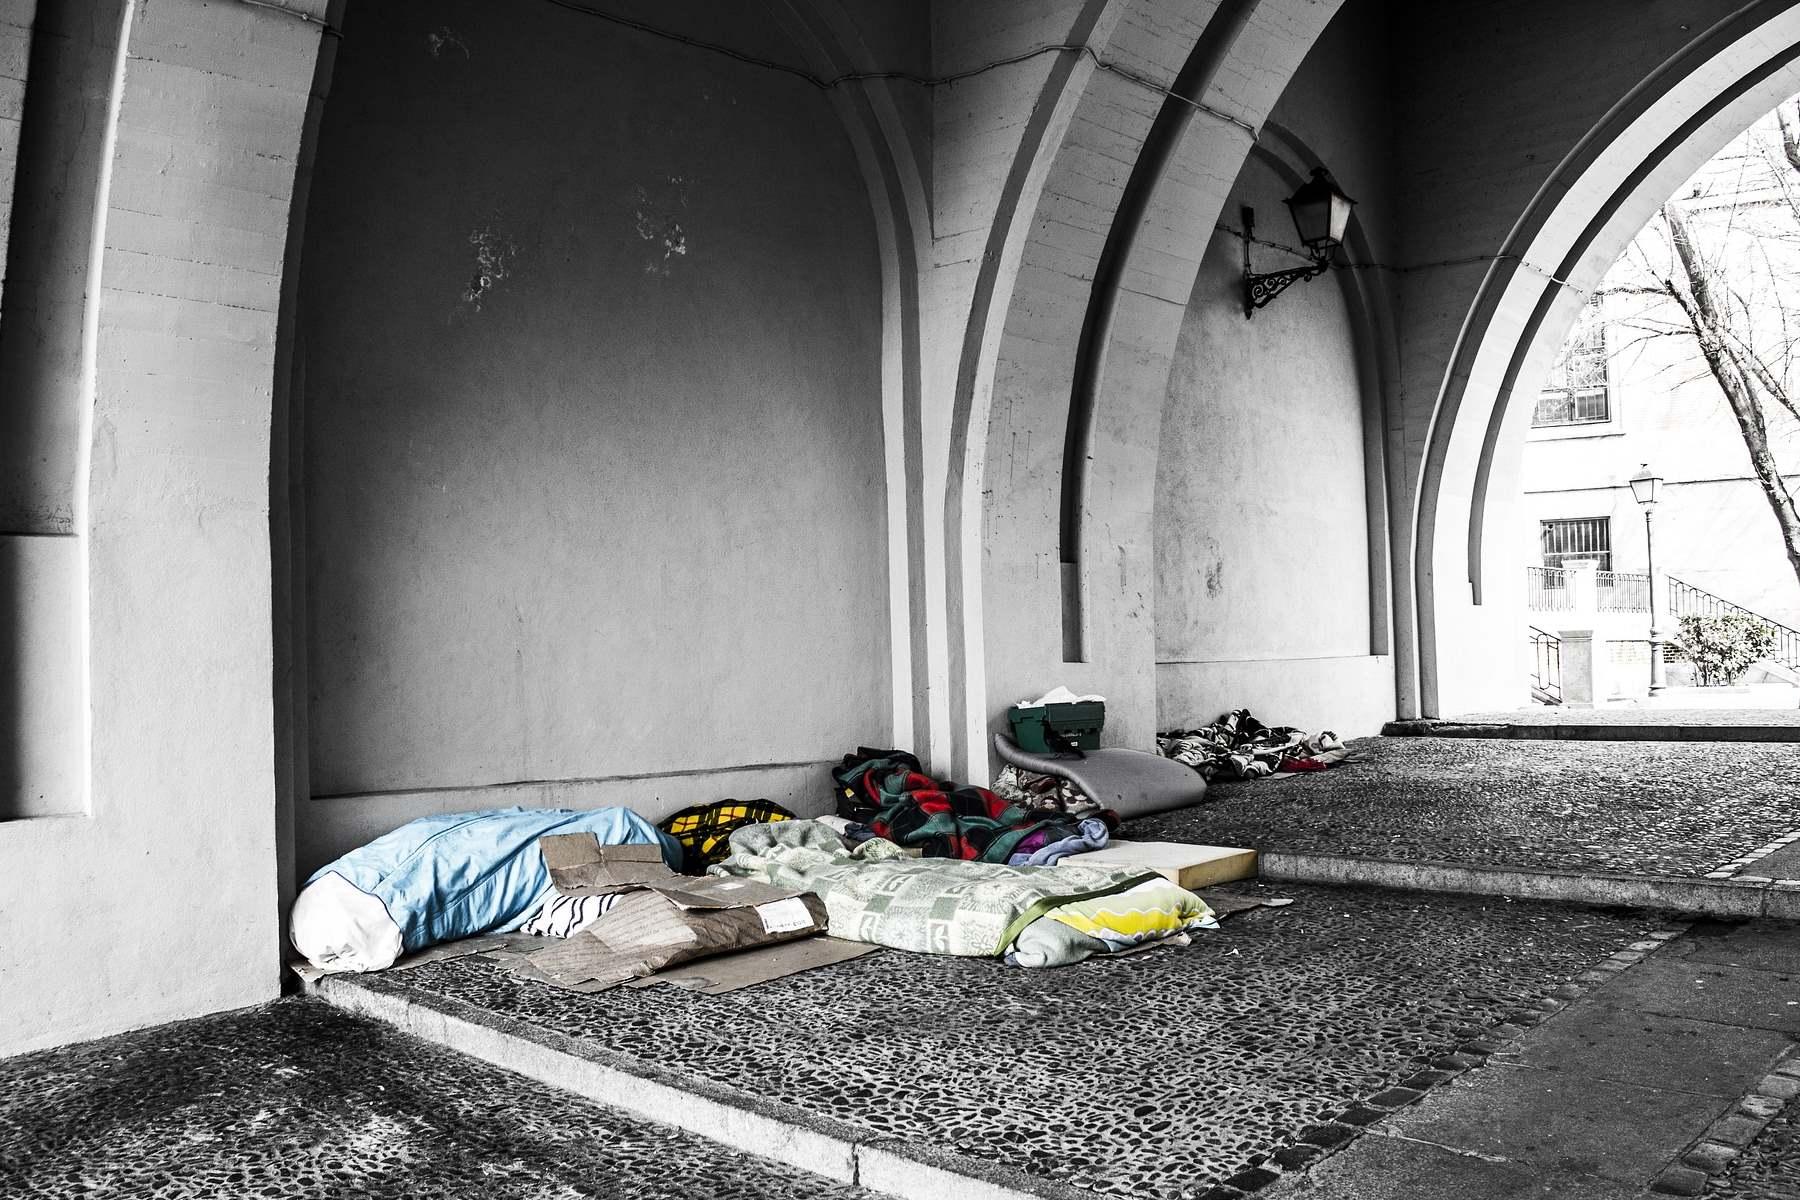 Anfrage – Asoziale Zustände am Zugbahnhof in Bruneck